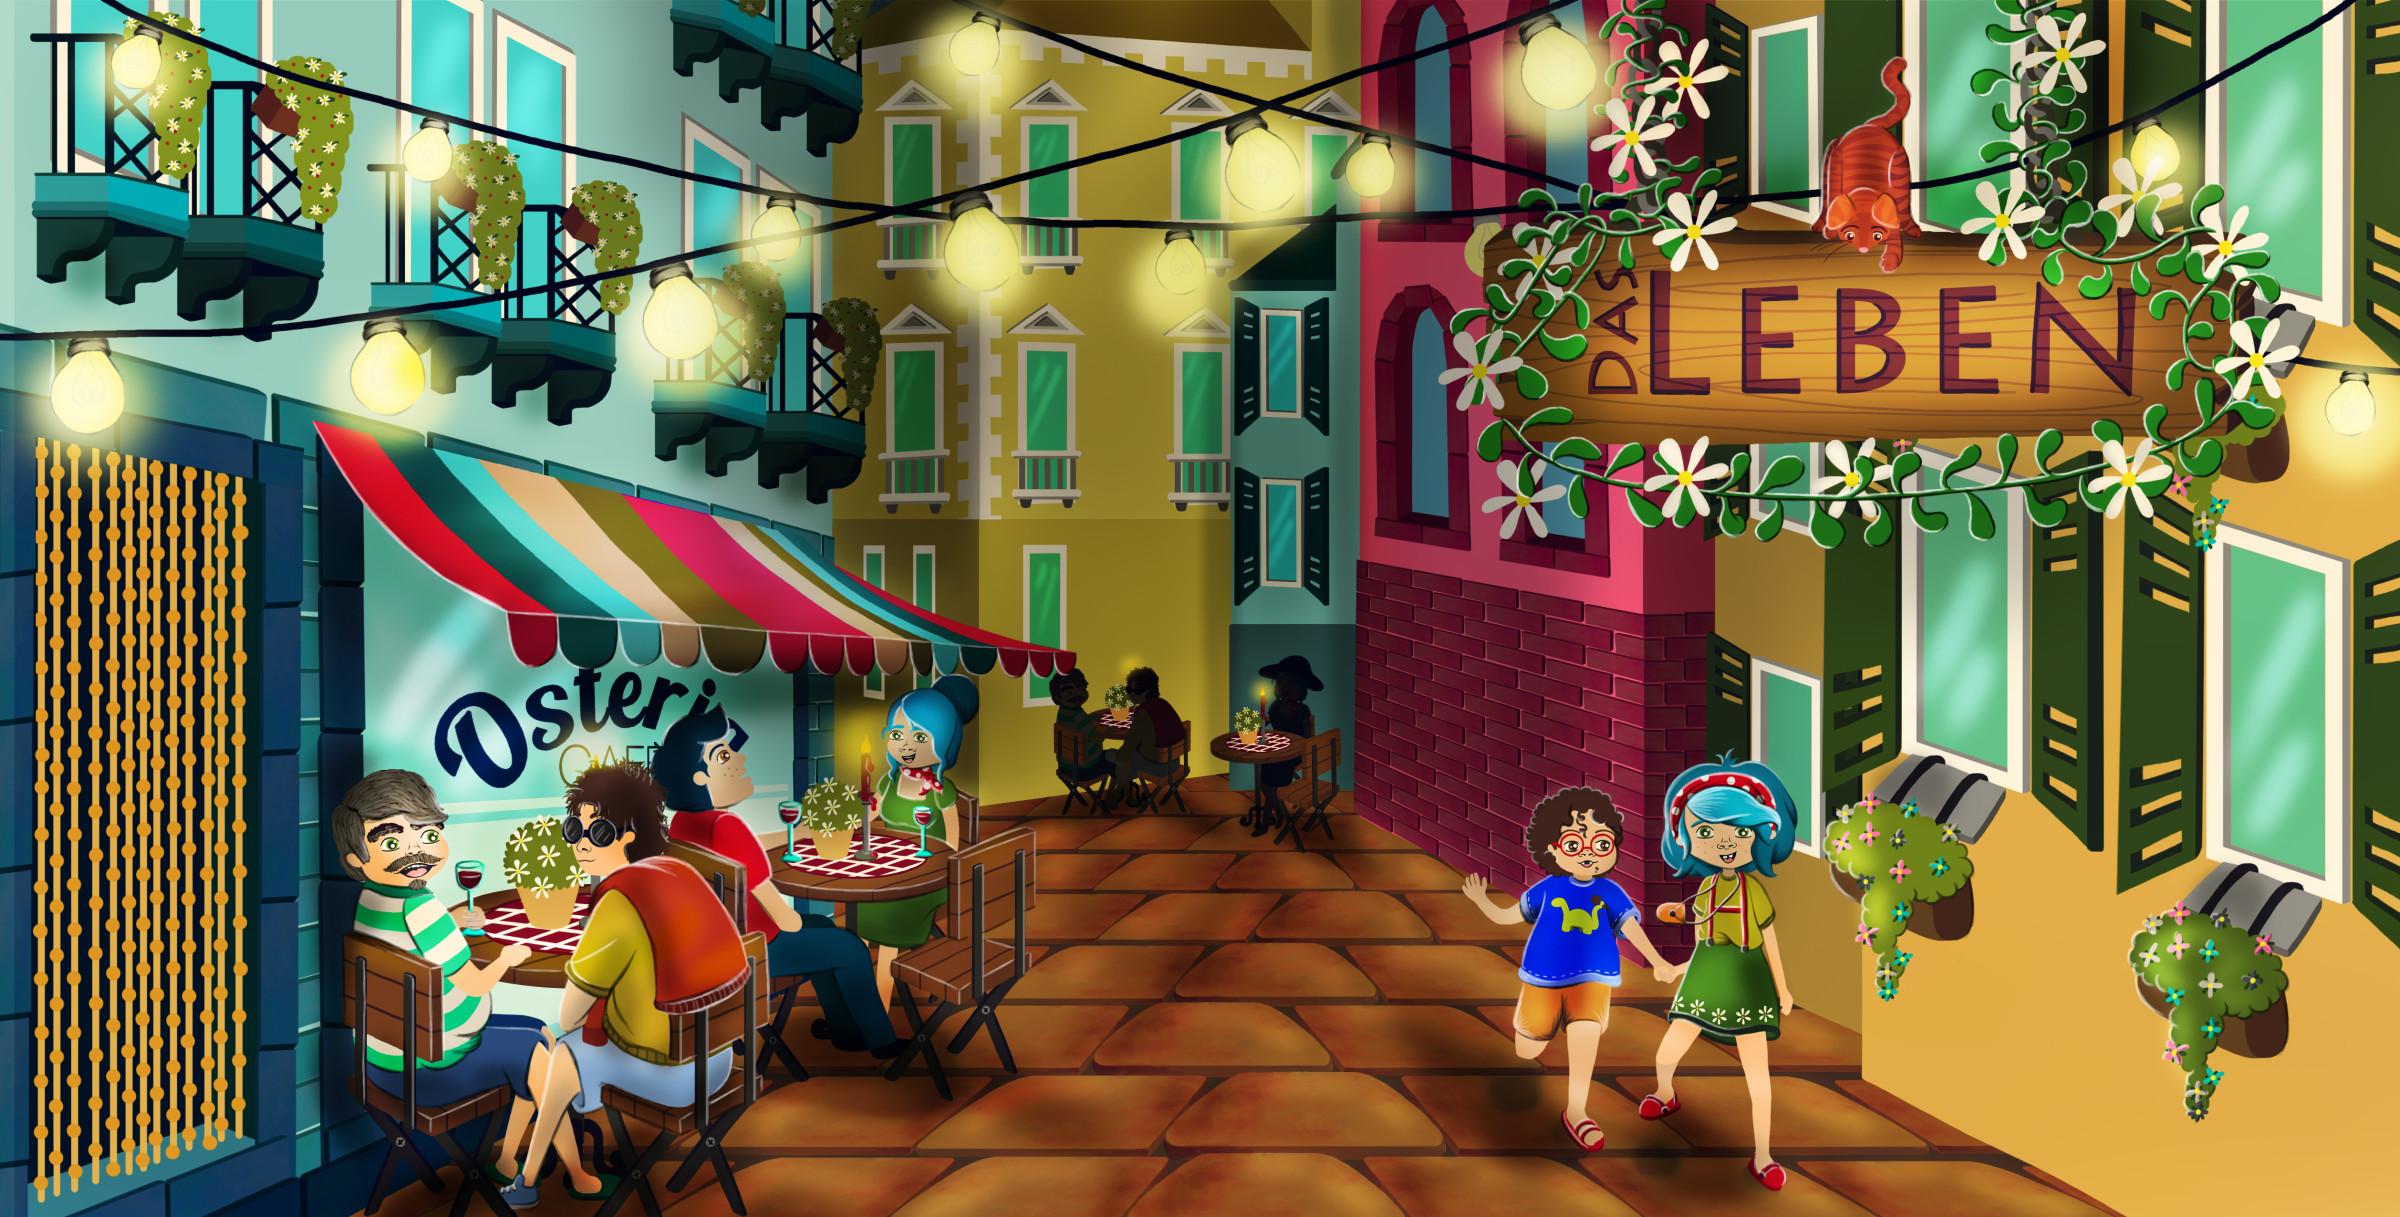 Ein Abend in Italien für Kim und Matteo von World for kids!